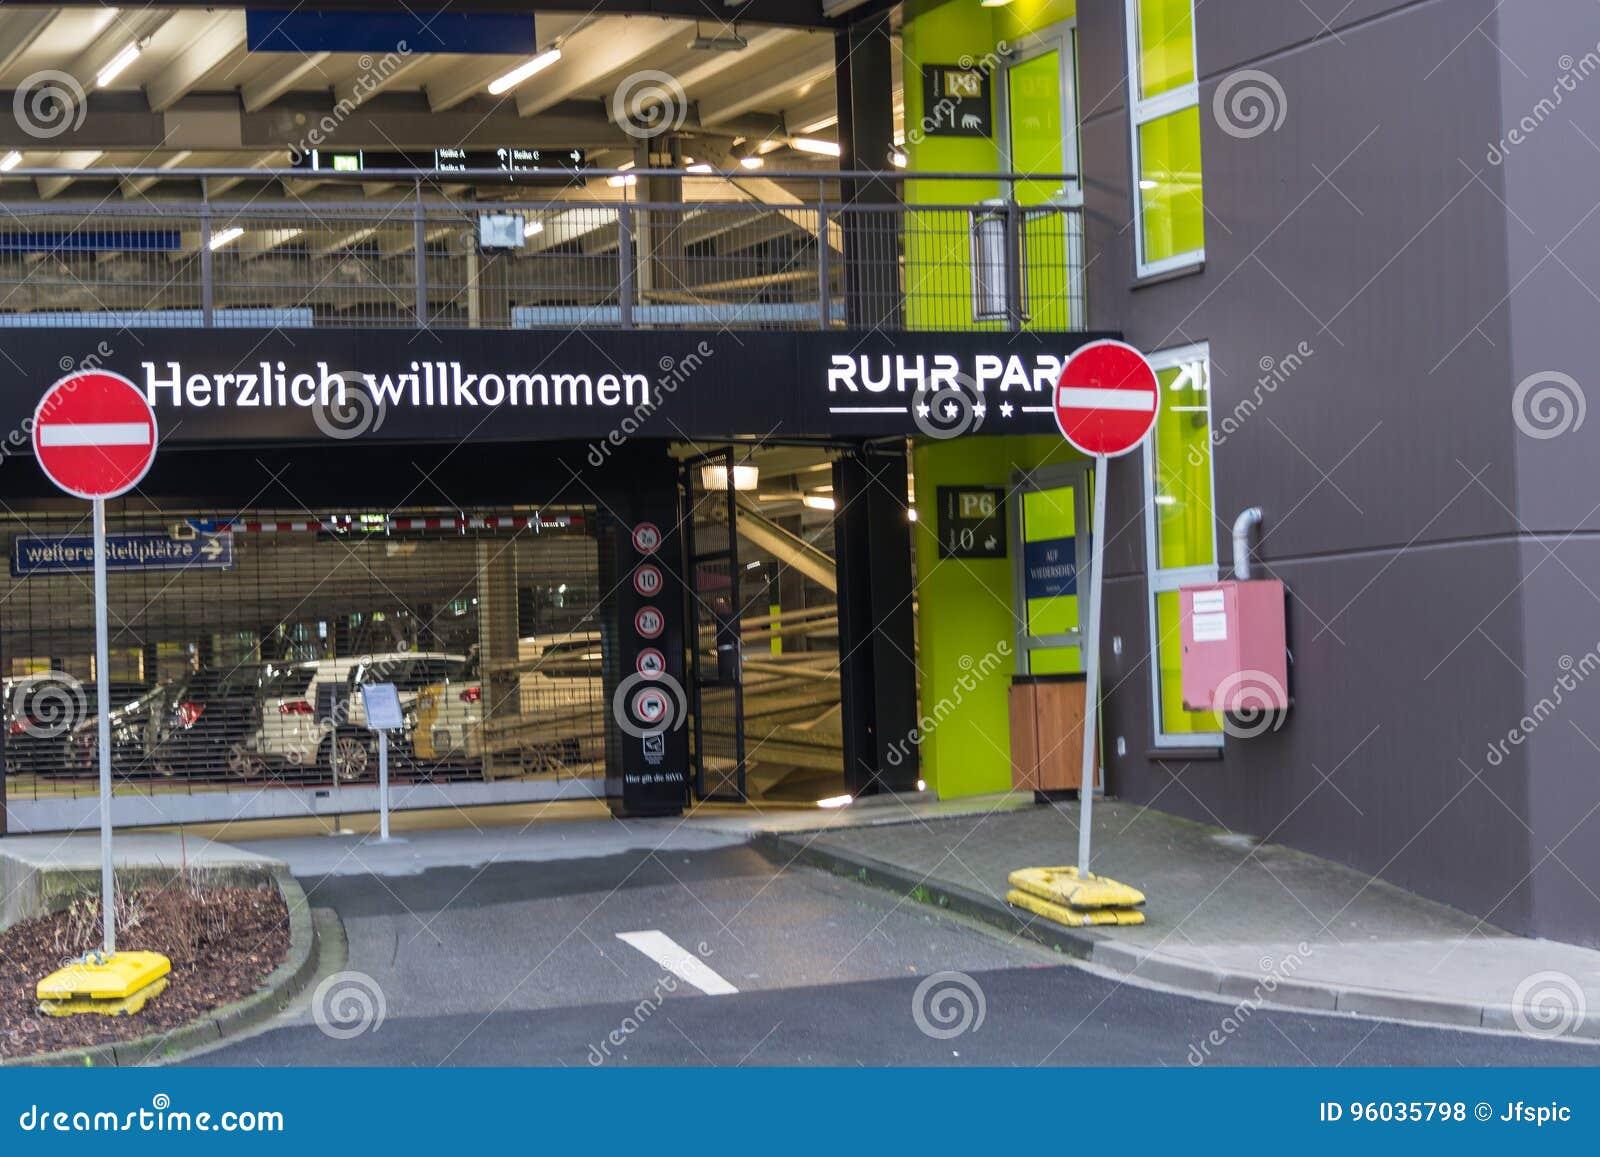 Zewnętrzny wejście centrum handlowego Ruhr park